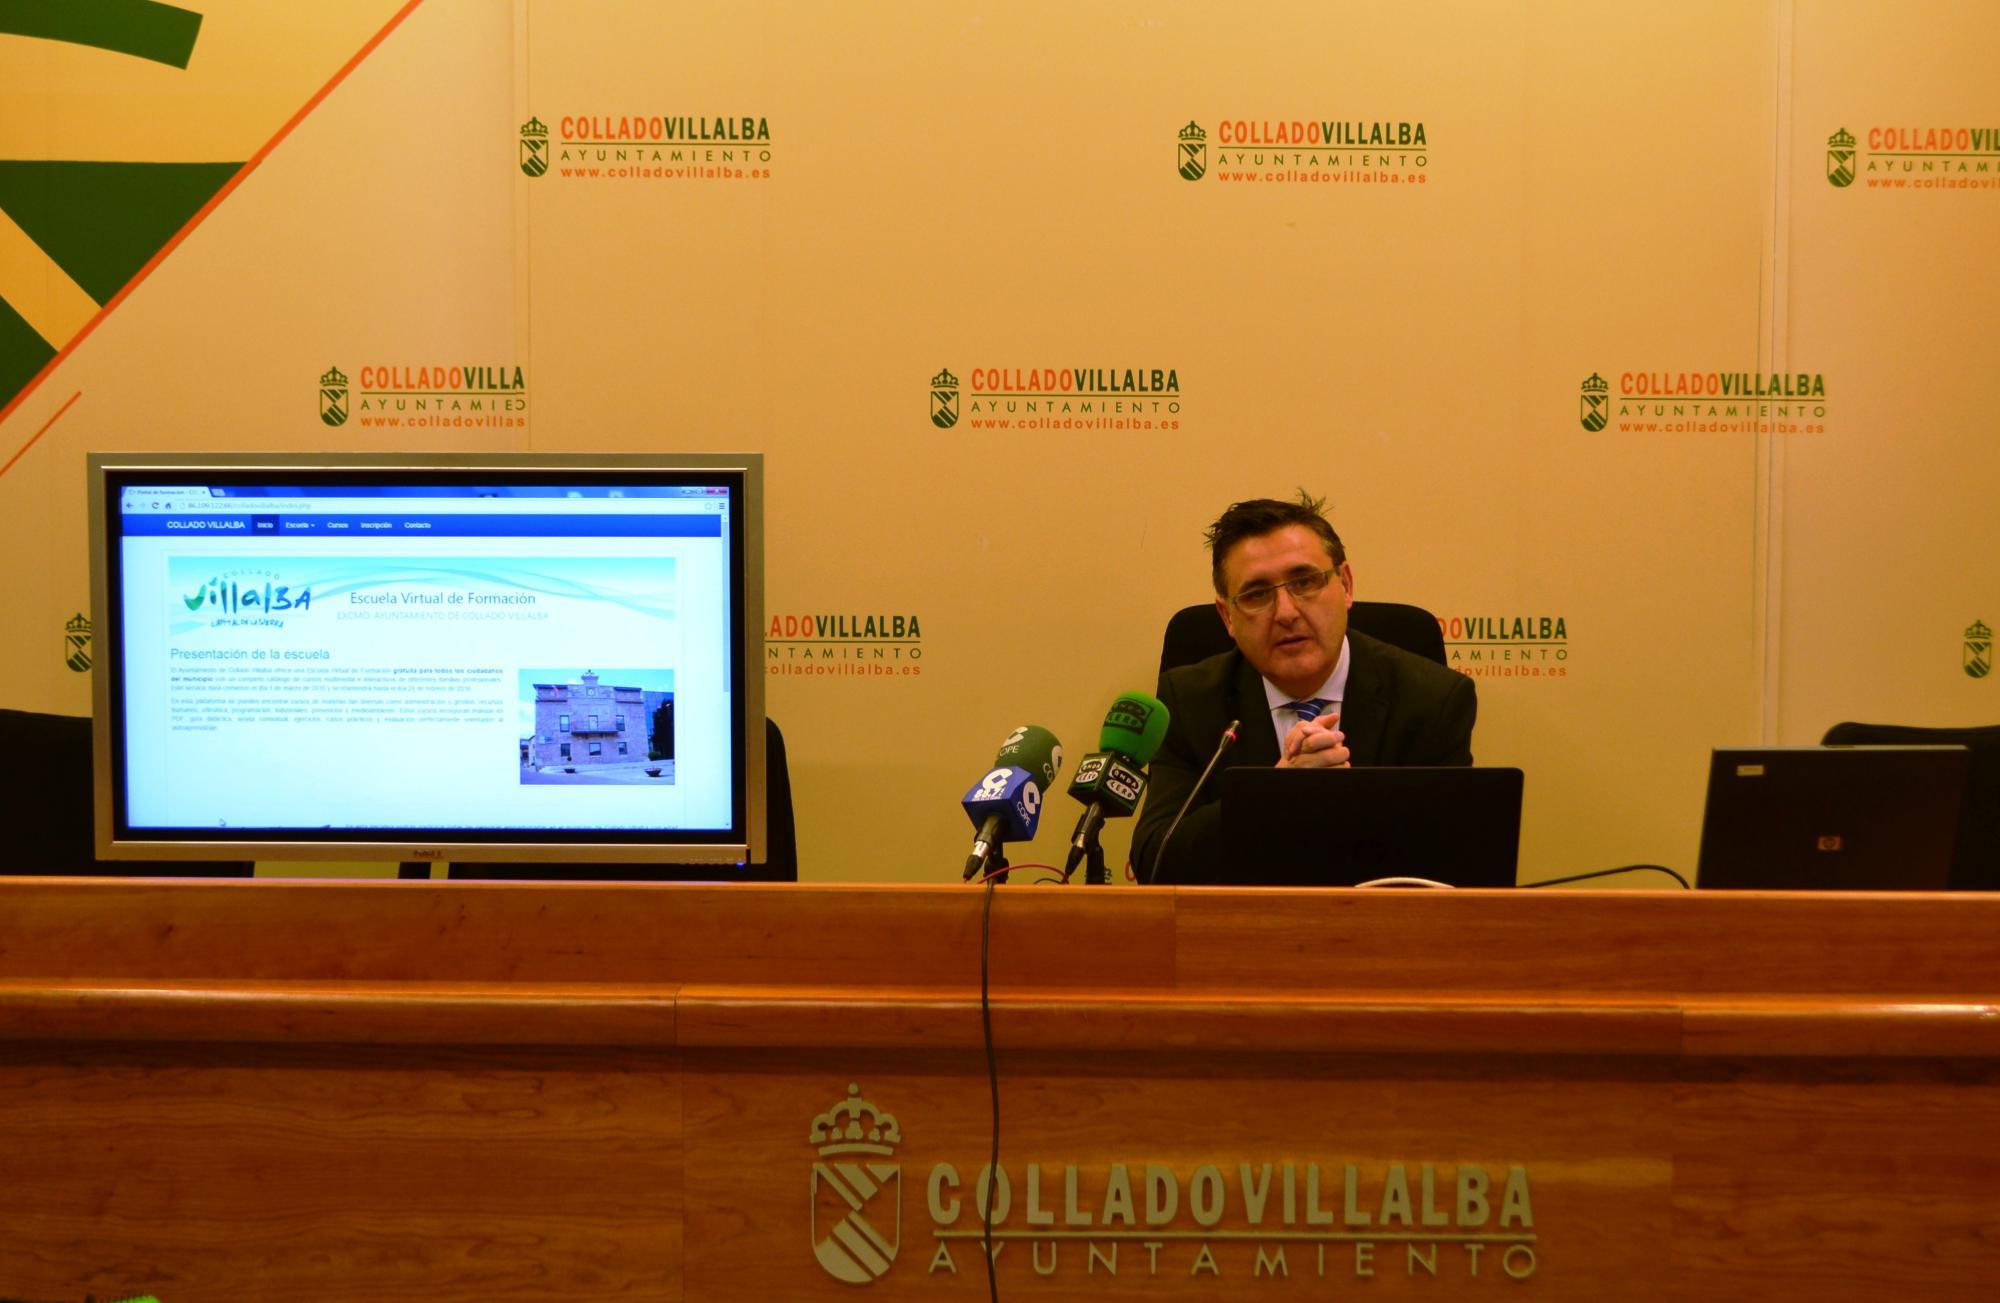 Nueva oferta de formación on line en Collado Villalba